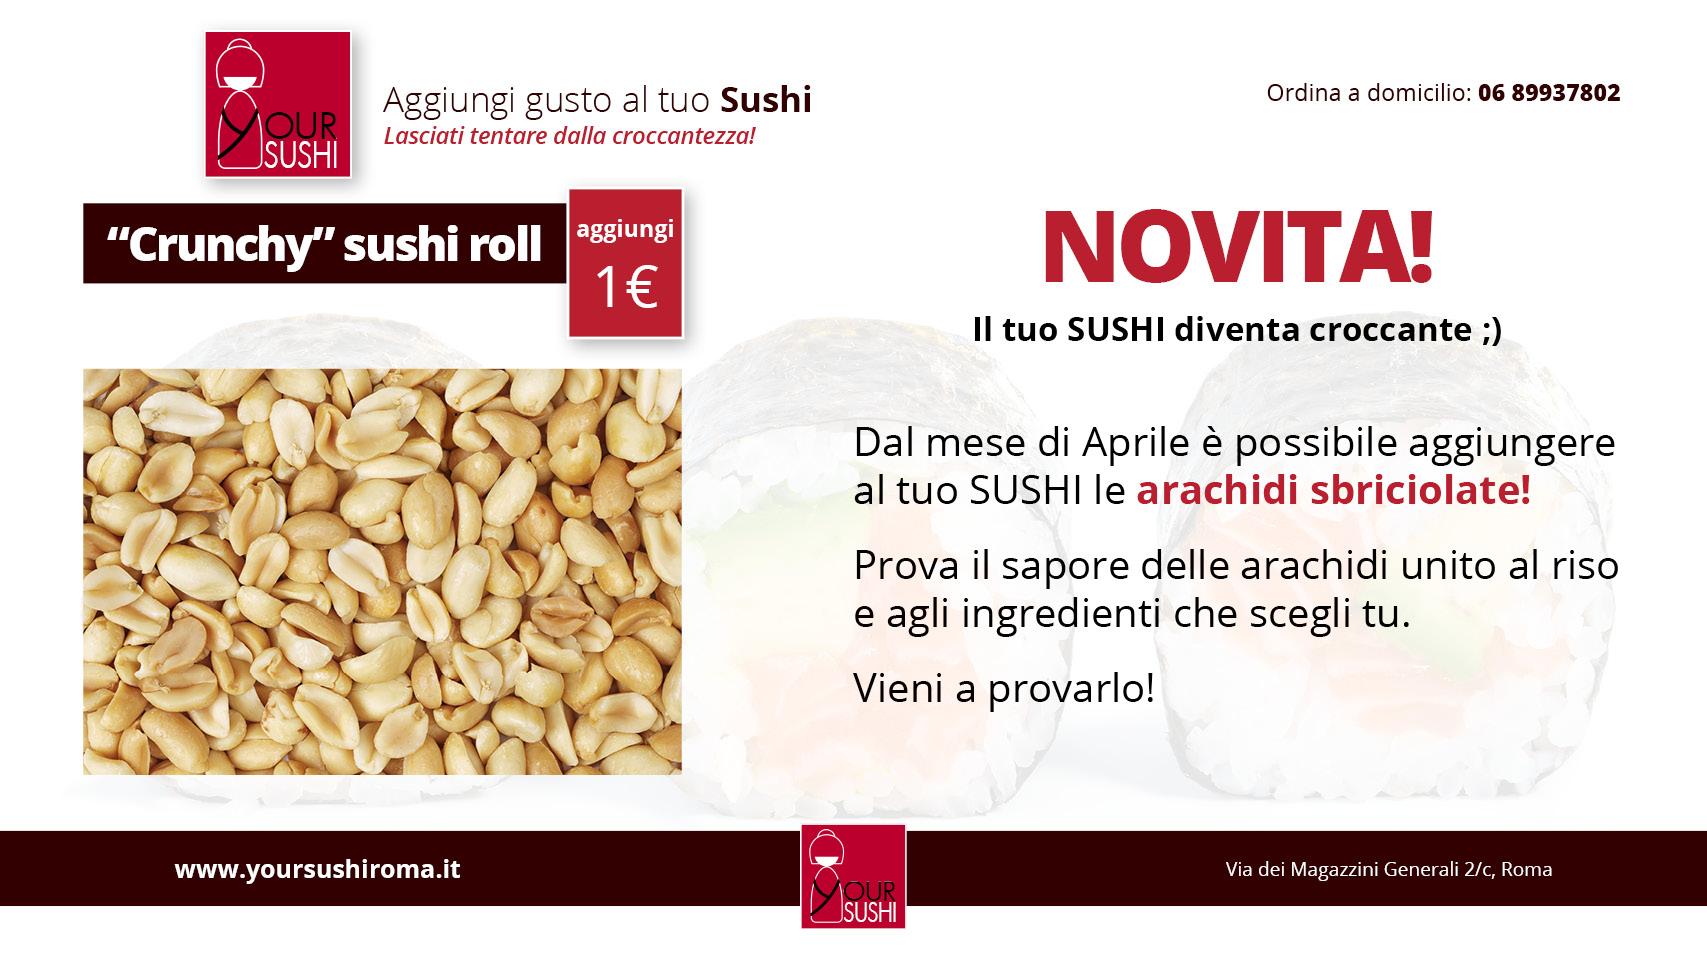 Crunchy Sushi con arachidi sbriciolate